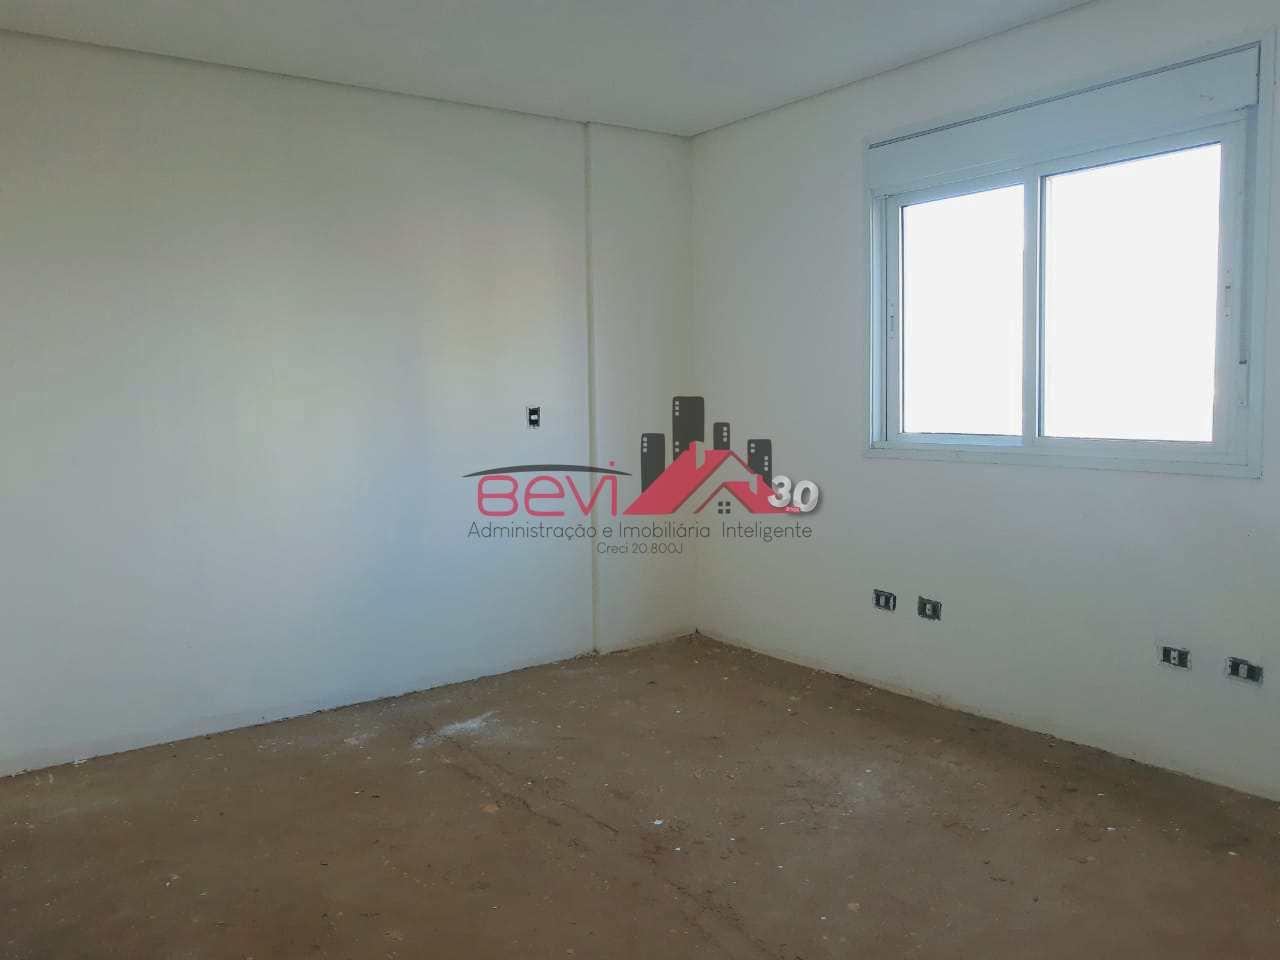 Apartamento com 4 dorms, Centro, Piracicaba - R$ 1.8 mi, Cod: 4016